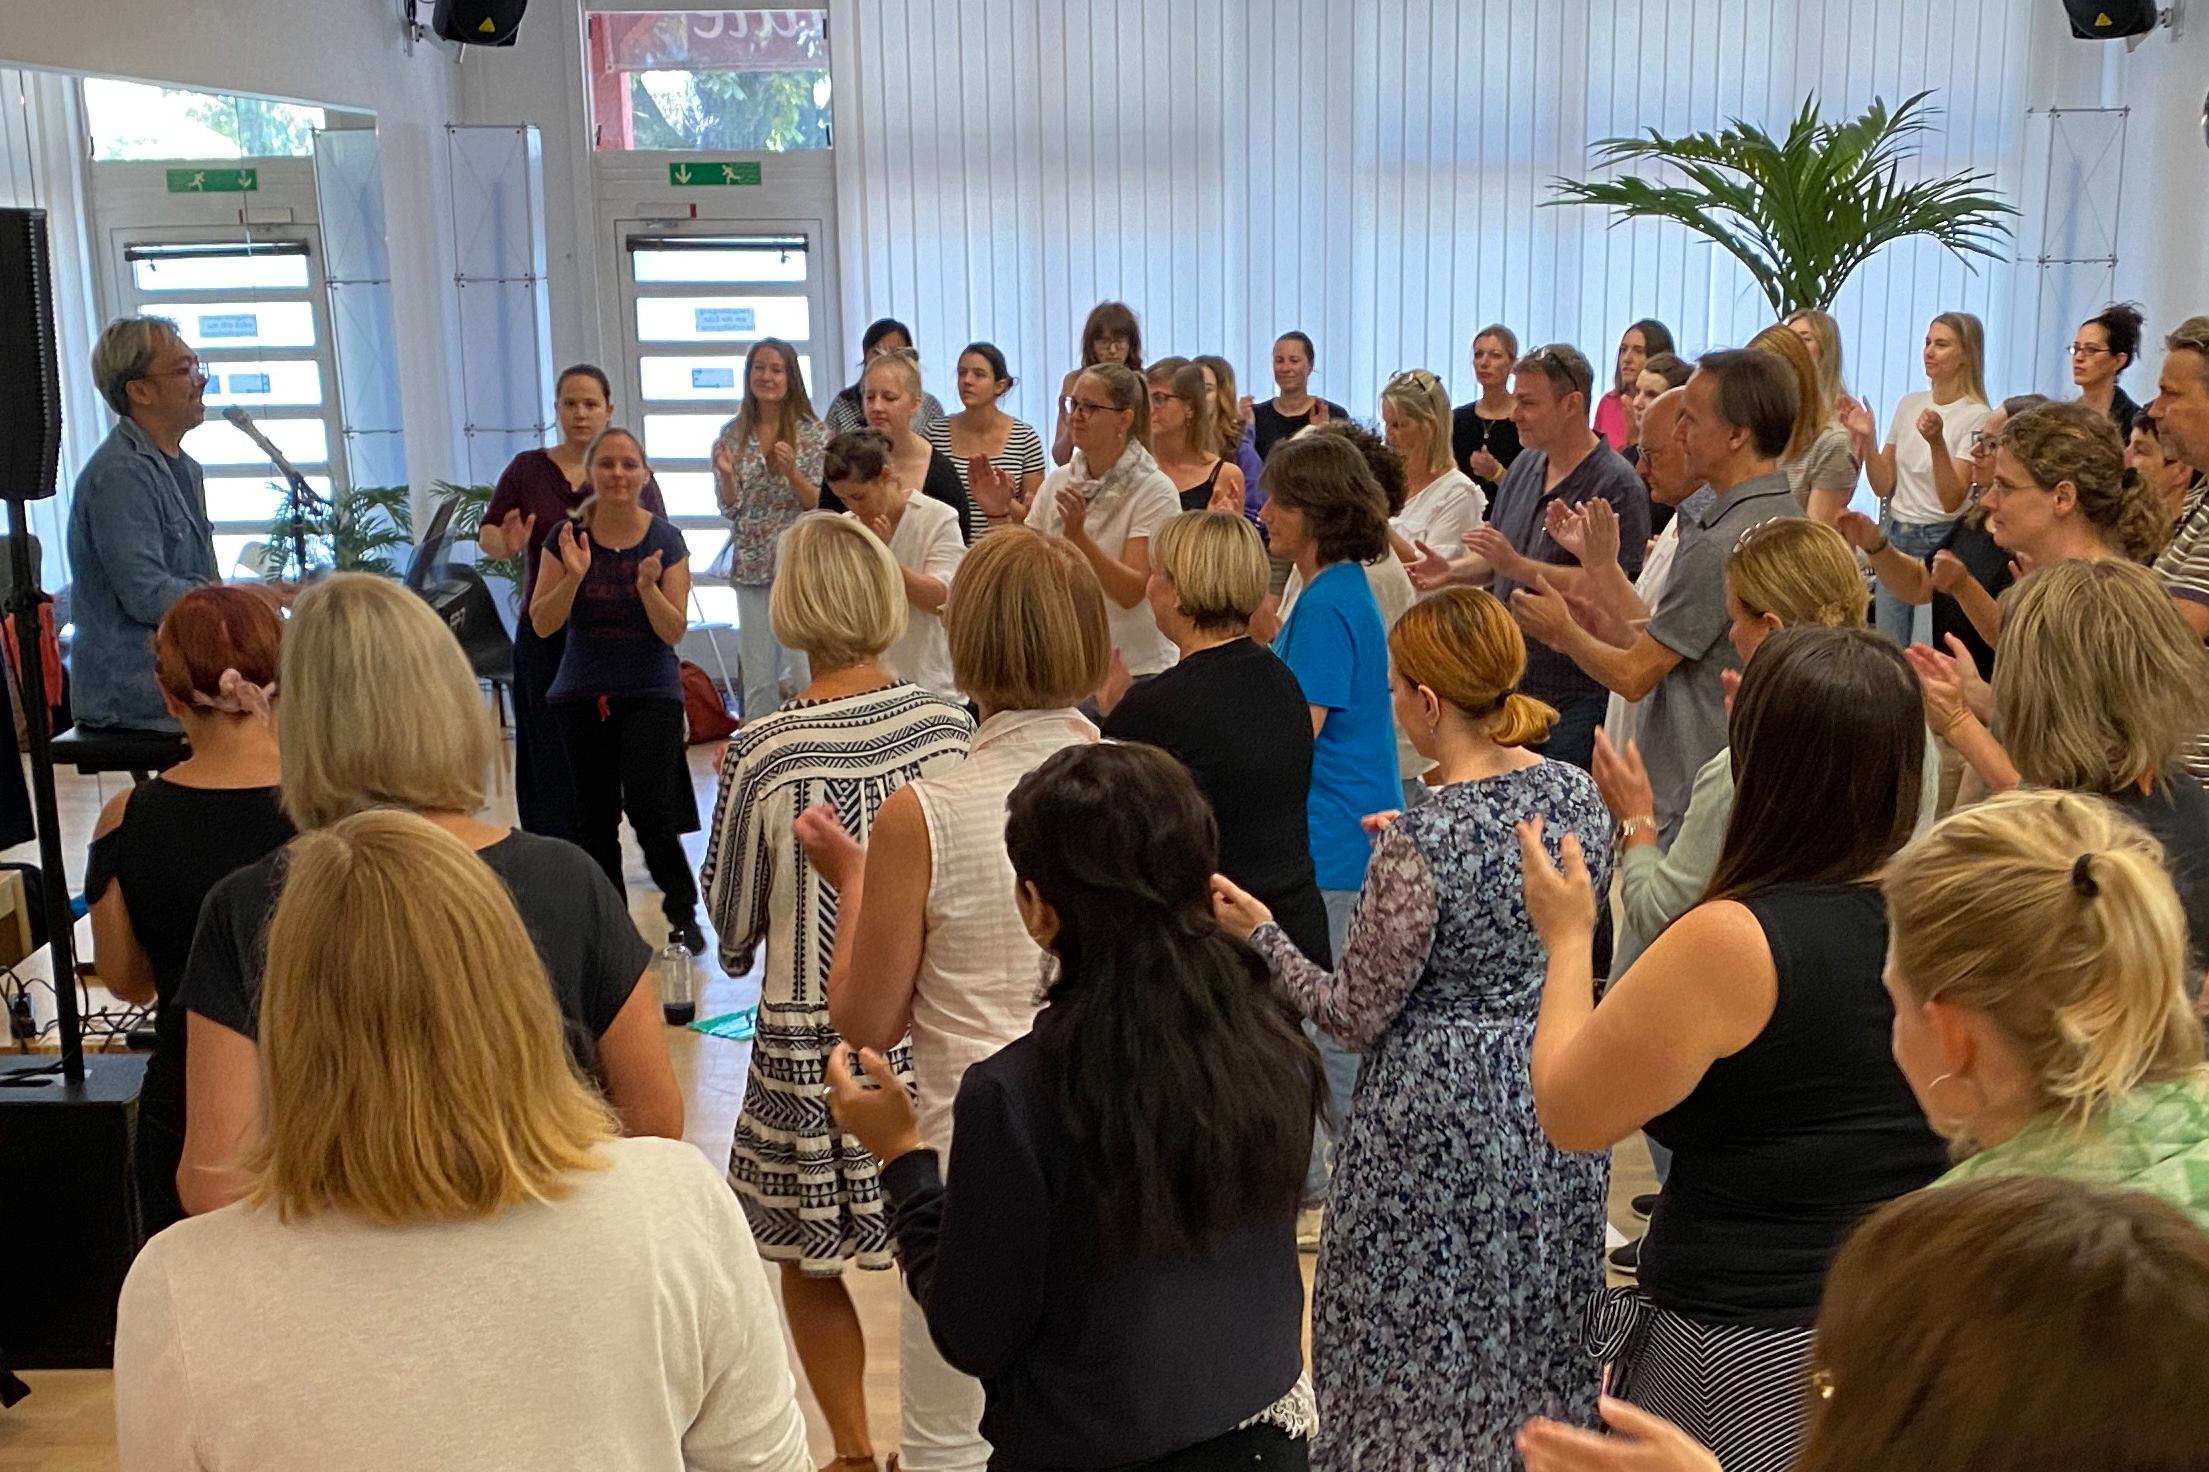 Singen im grossen Chor, Zürich Singers Night